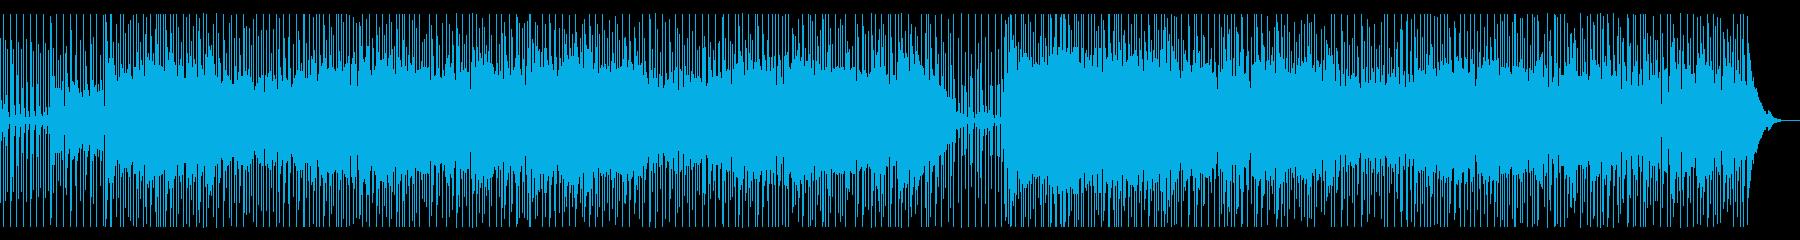 走る列車をイメージしたロックンロールの再生済みの波形